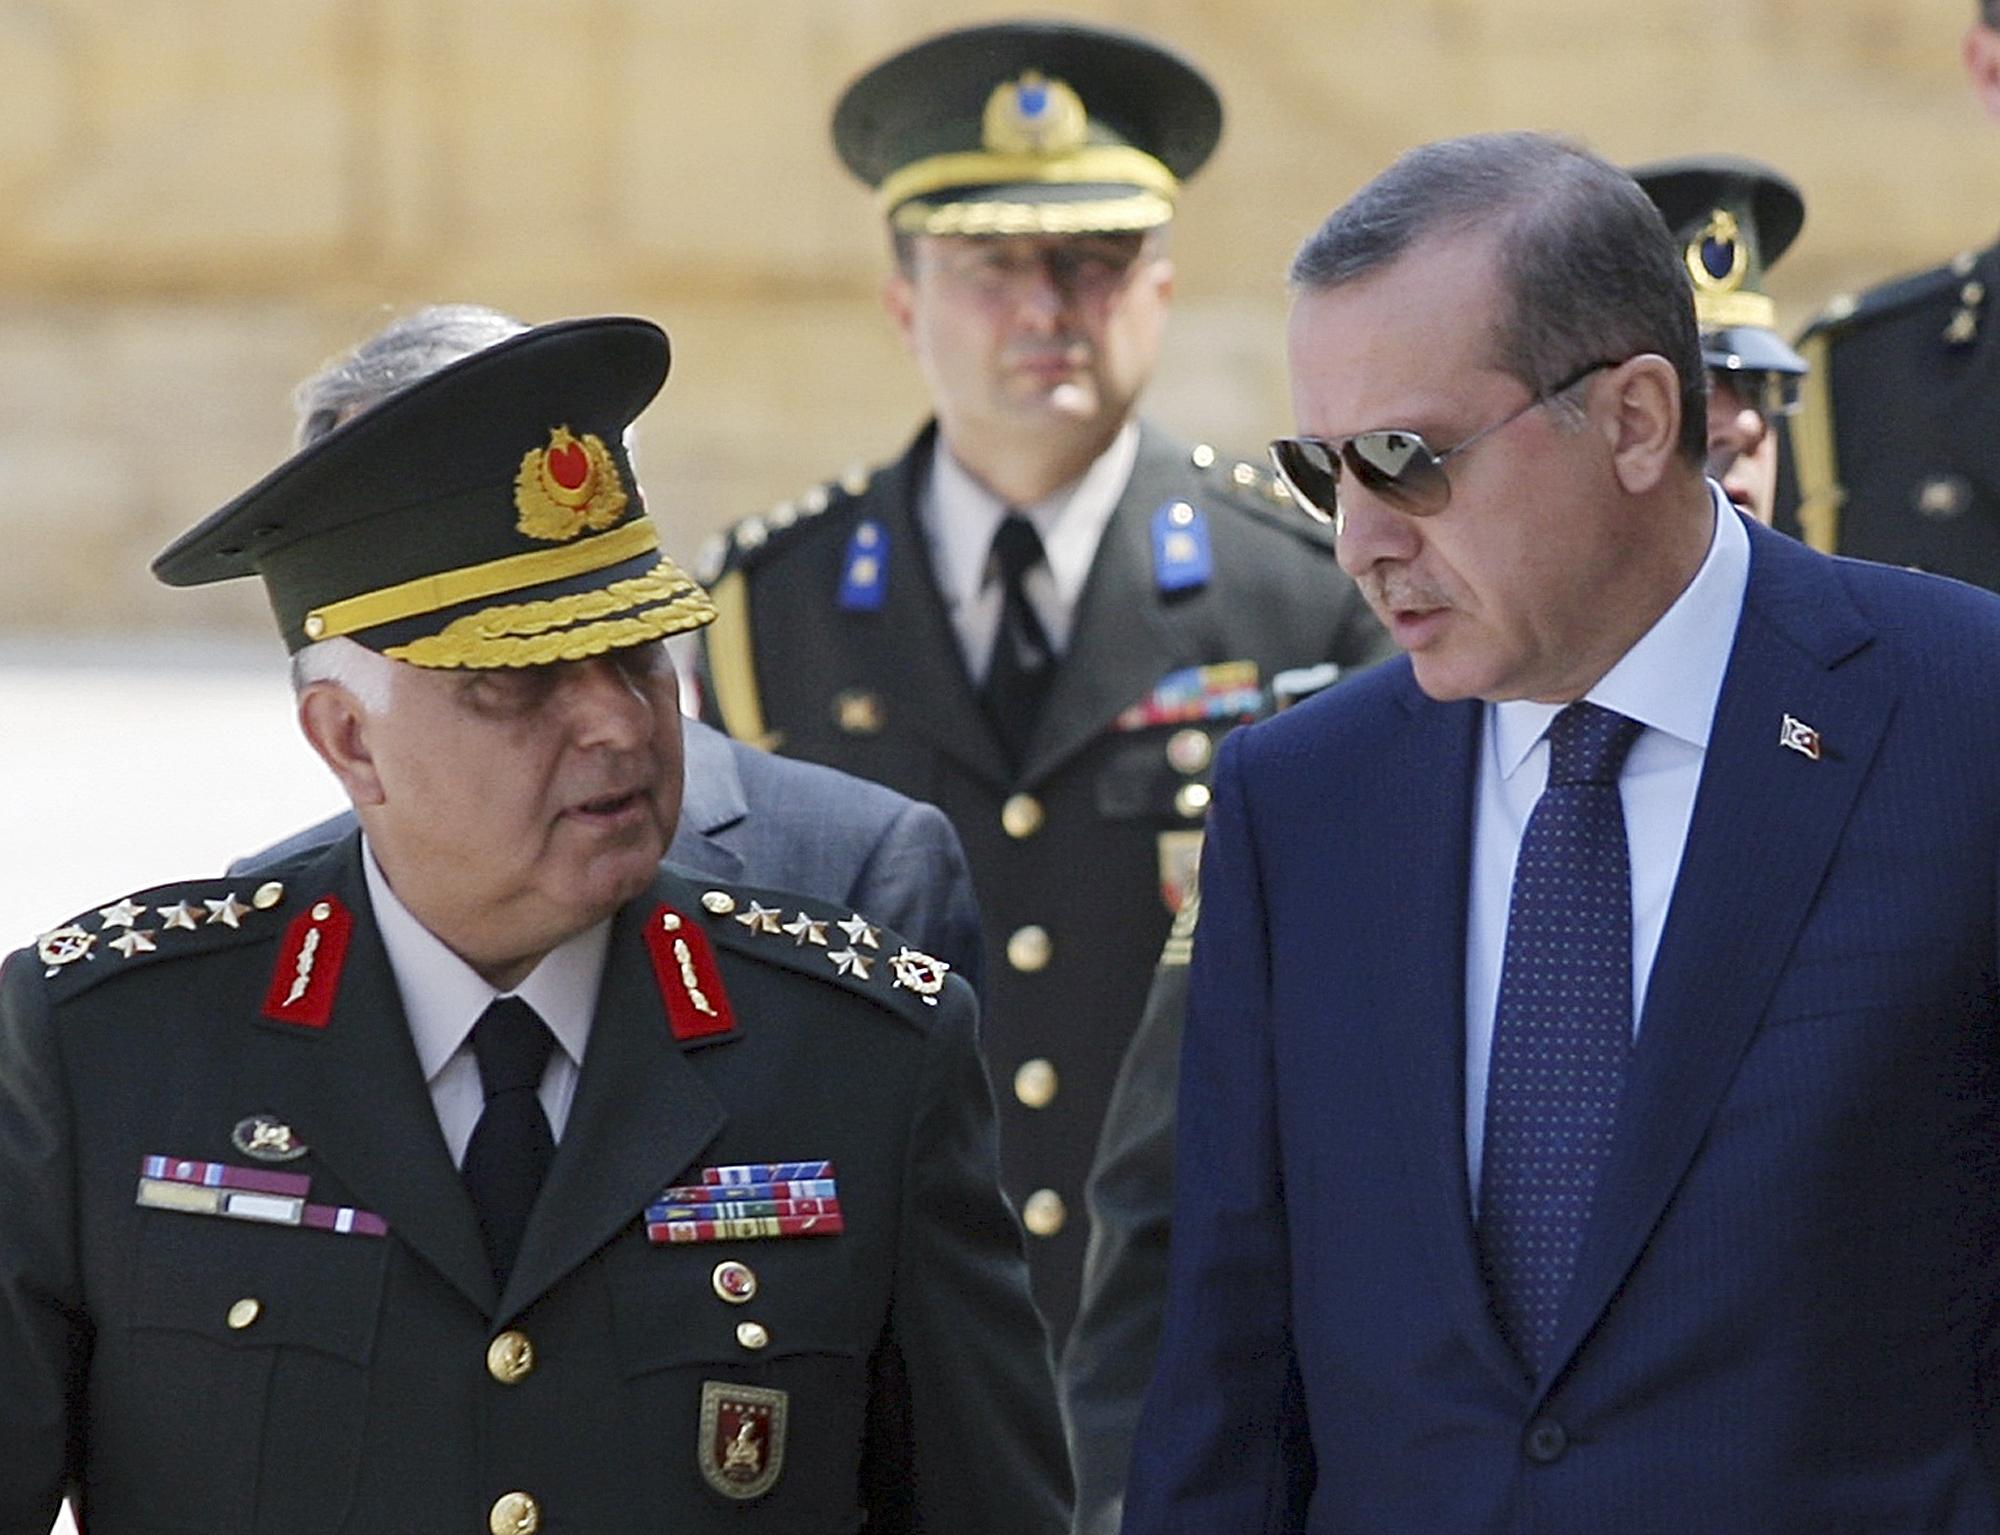 Νέες διώξεις στρατηγών στην Τουρκία   tovima.gr